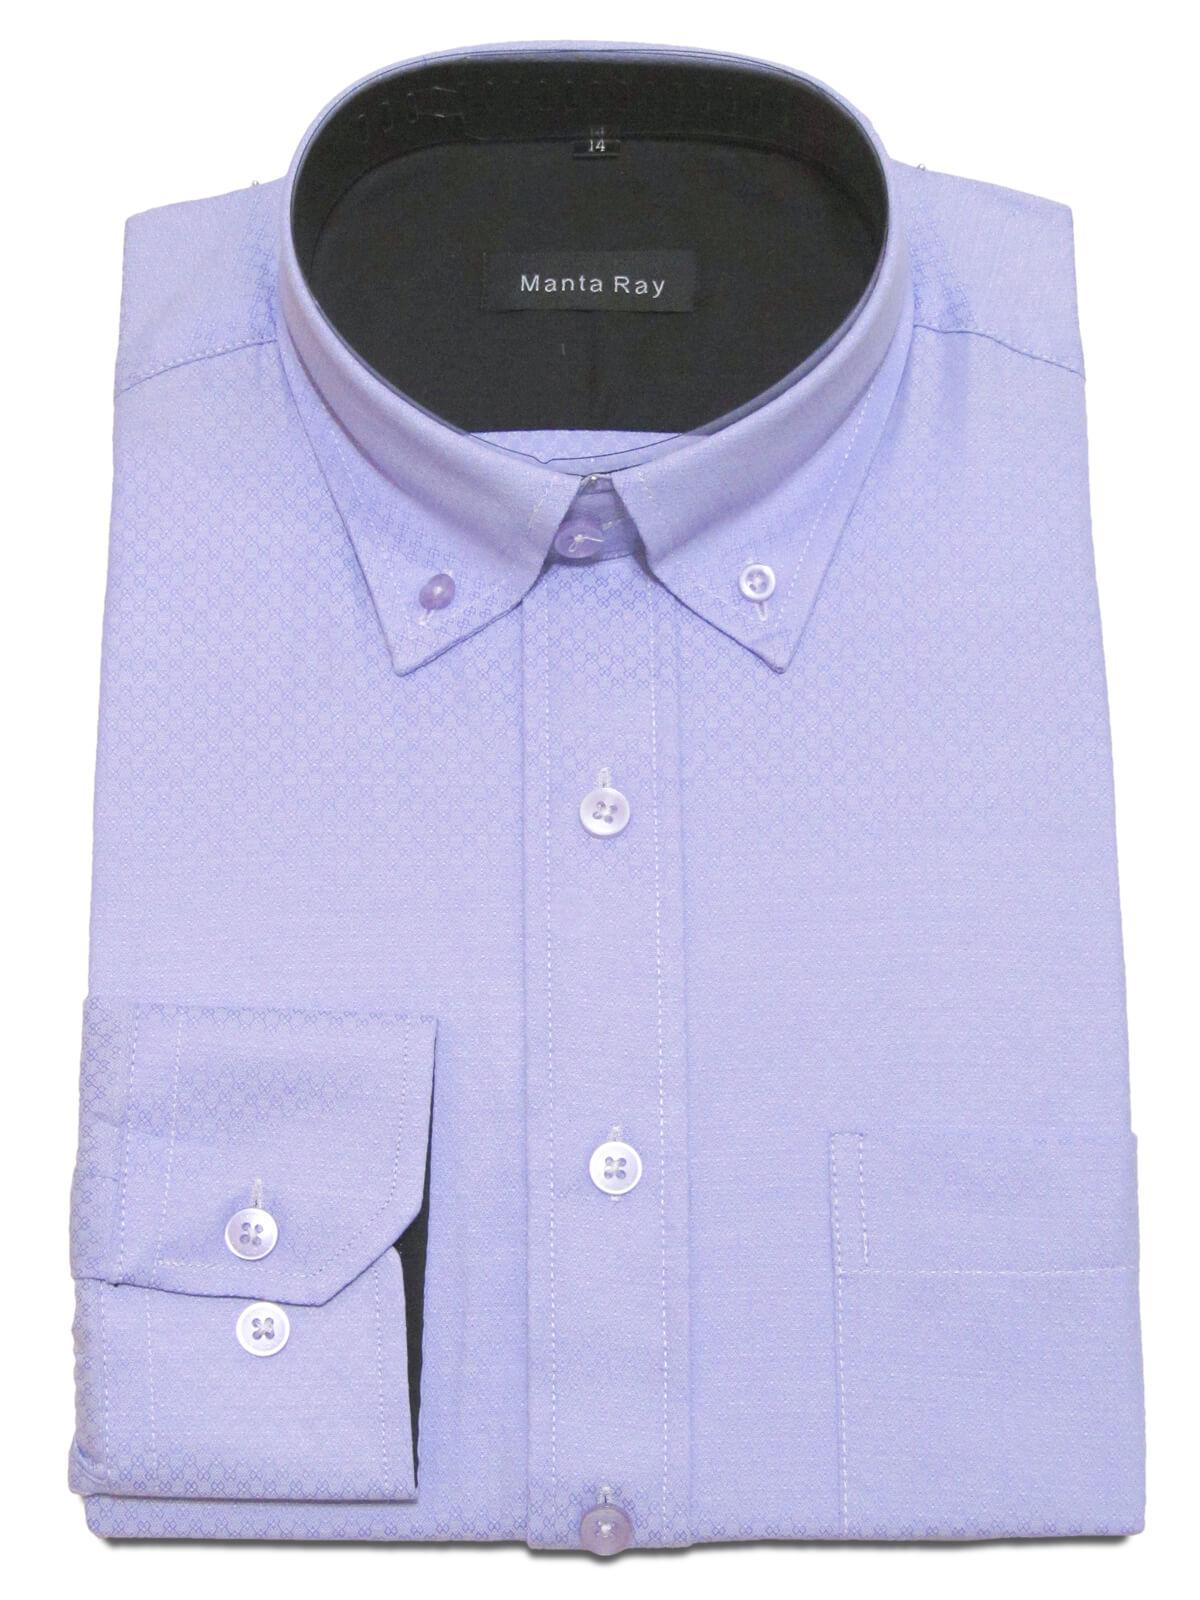 sun-e333加大尺碼長袖格紋襯衫、上班族襯衫、標準襯衫、商務襯衫、正式場合襯衫、棉成分高舒適透氣襯衫、不皺免燙襯衫、白色格紋襯衫(333-A8209-1)淺粉格紋襯衫(333-A8209-2)紫色格紋襯衫(333-A8209-8)藍色格紋襯衫(333-A8207-7) 領圍:14 14.5 15 15.5 16 16.5 17.5 18.5 19.5 限時優惠任2件1000元又免運 4